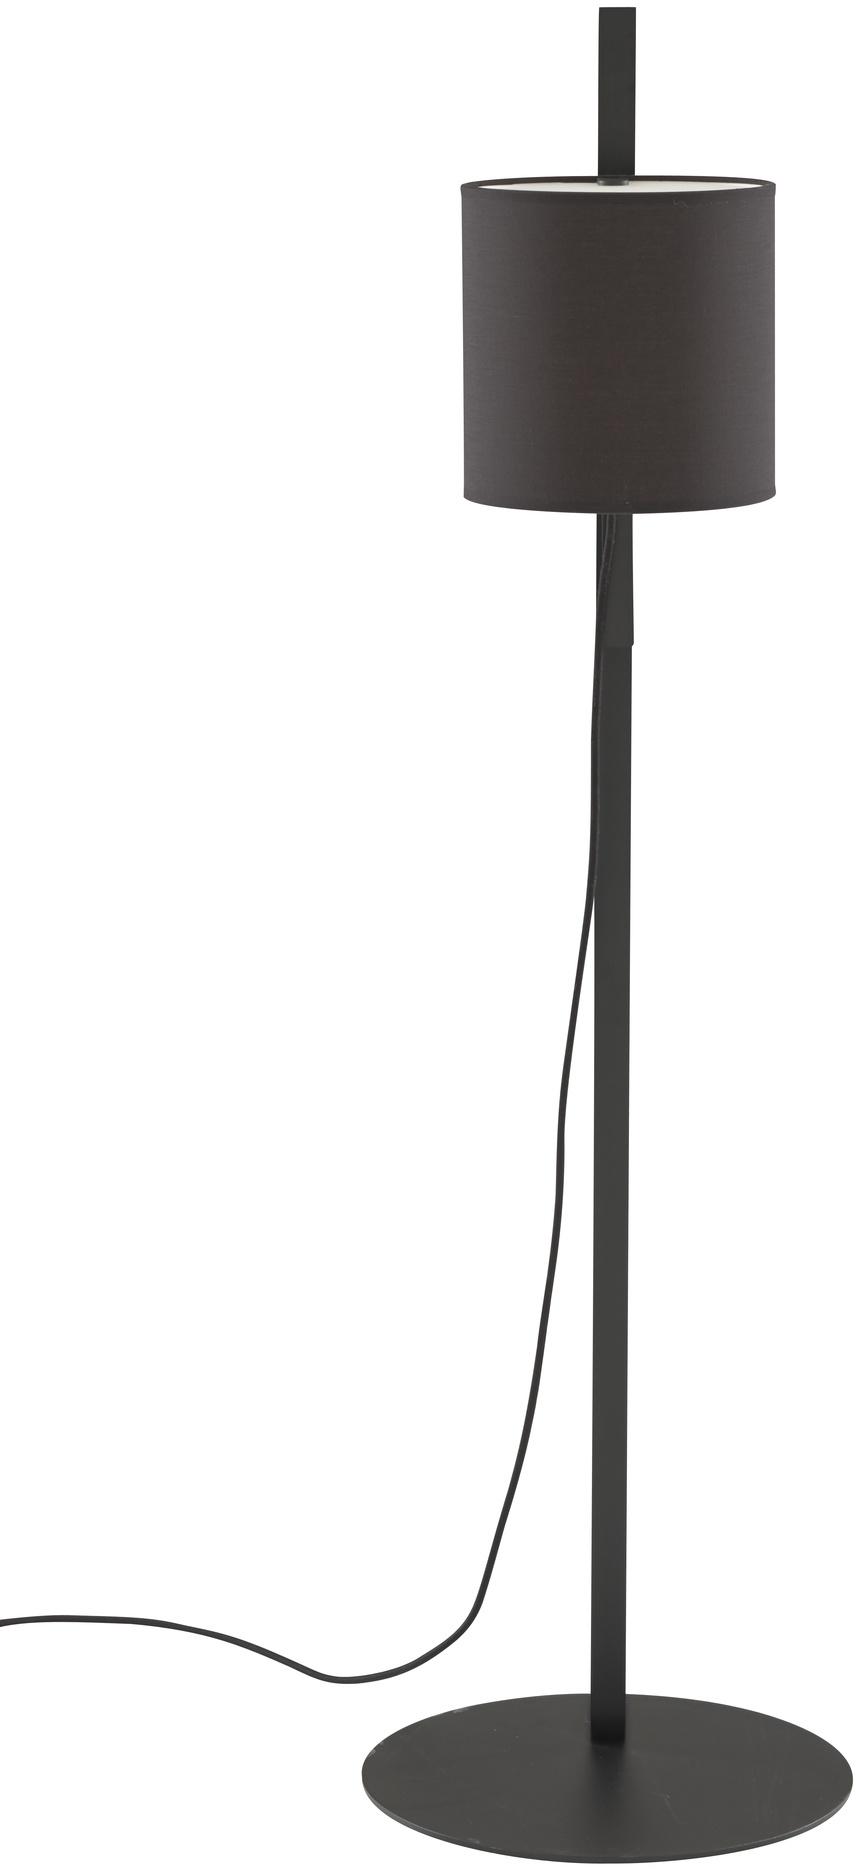 magnet lamp liseuses designer michael raasch ligne roset. Black Bedroom Furniture Sets. Home Design Ideas